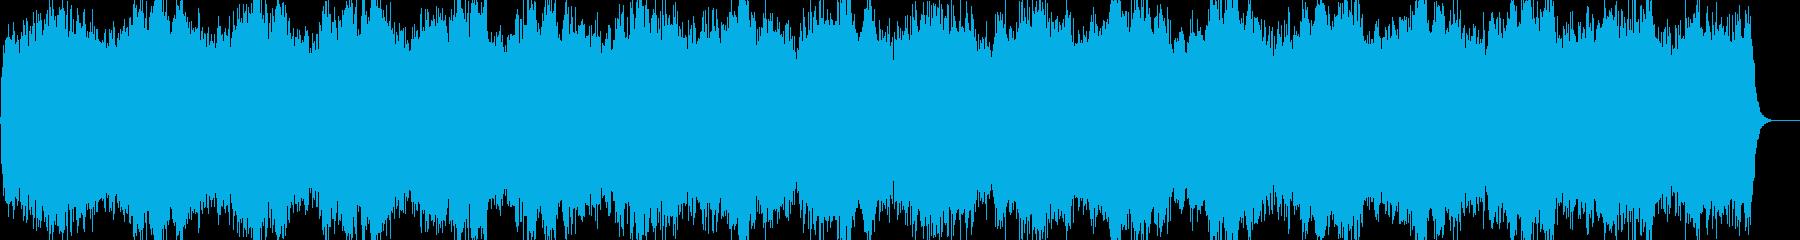 ヒーリング ピアノ 愛の周波数528Hzの再生済みの波形